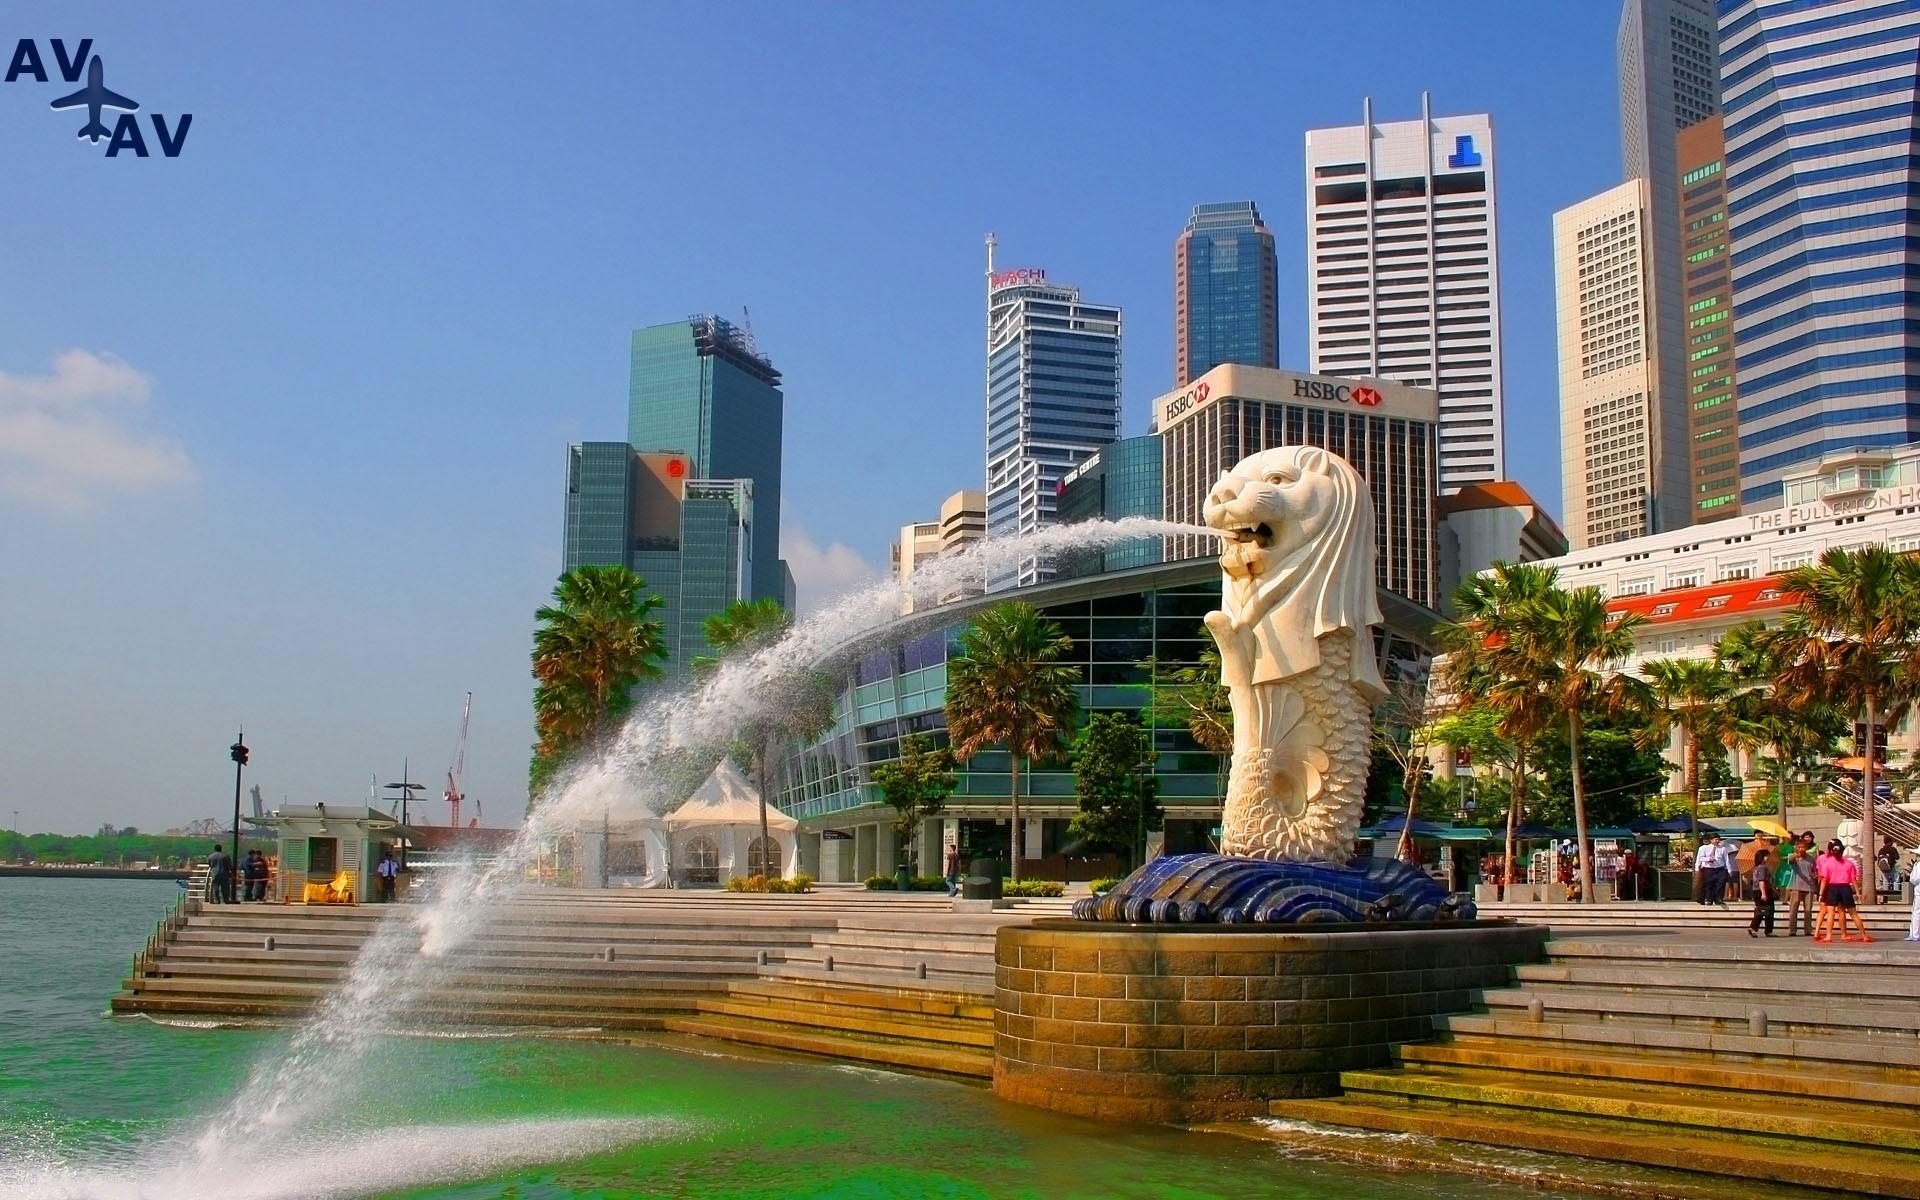 Singapur - Сингапур или невыносимая легкость бытия